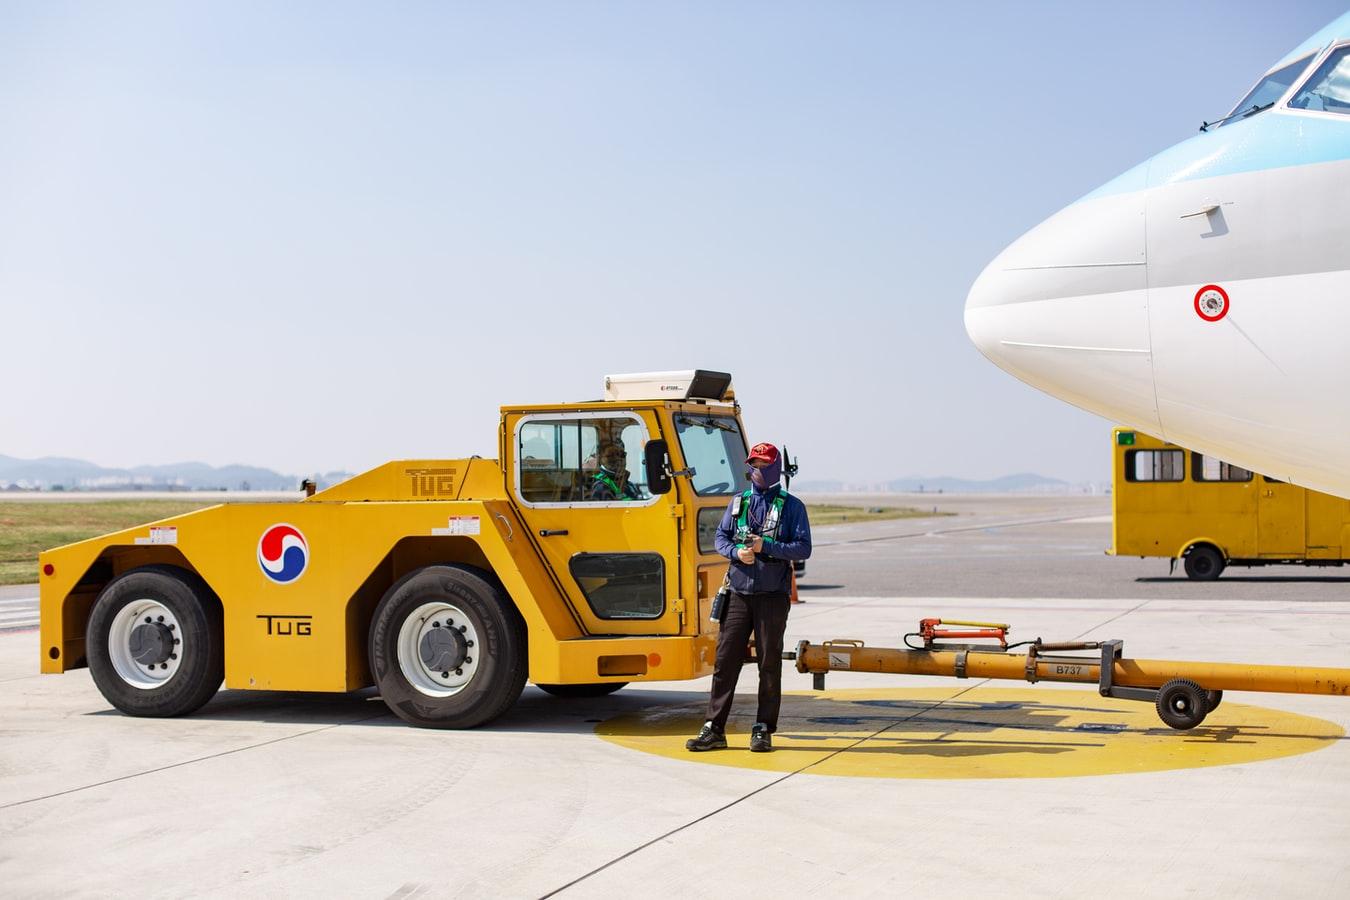 Công ty vận chuyển hàng từ Hàn Quốc về Việt Nam Xanh Logistics